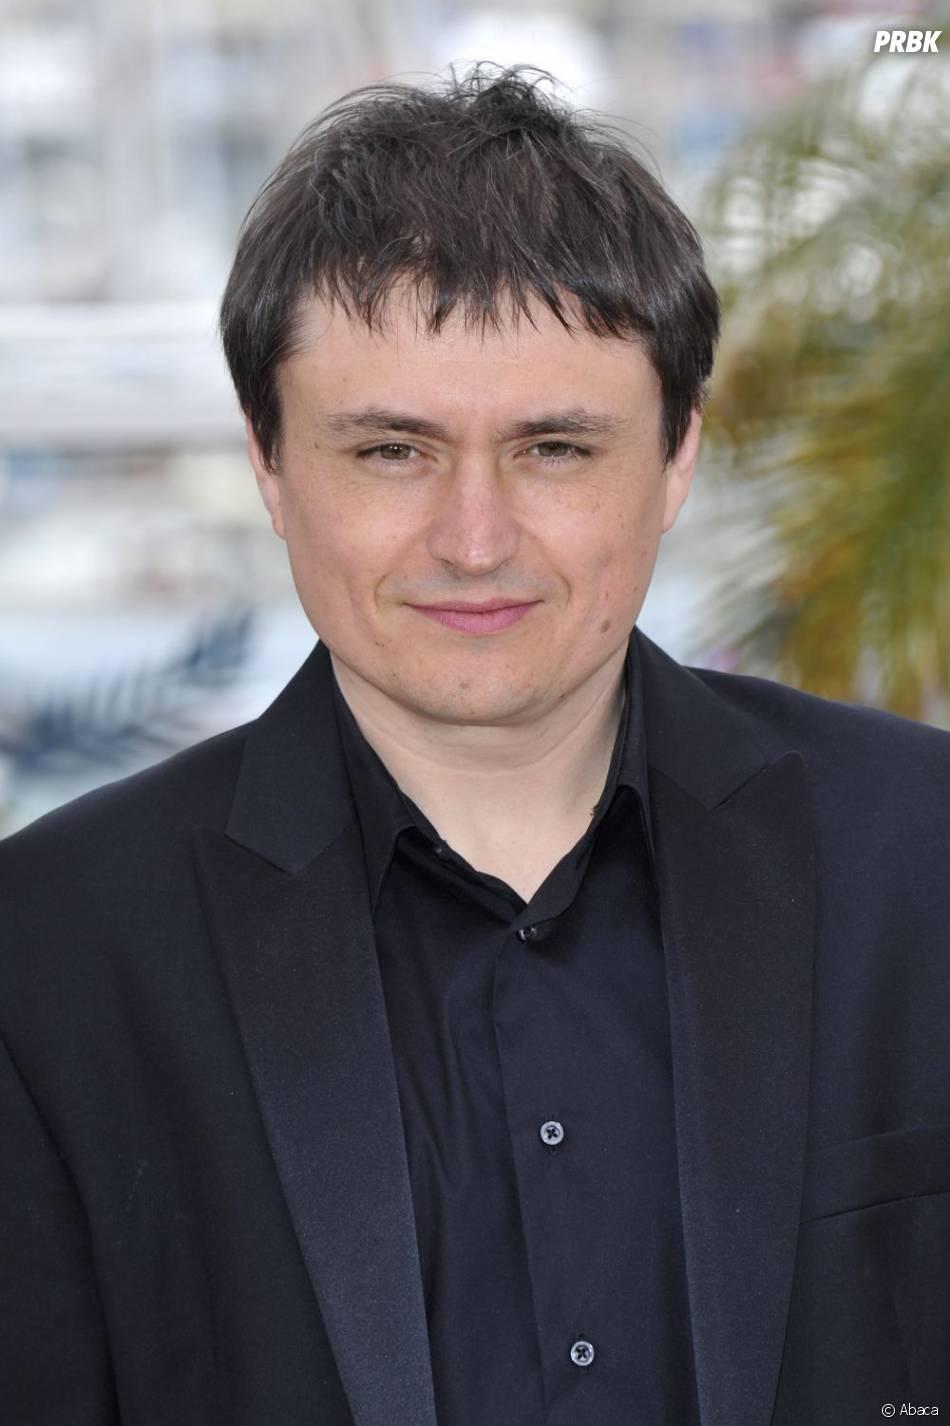 Cristian Mungui dans le jury du Festival de Cannes 2013